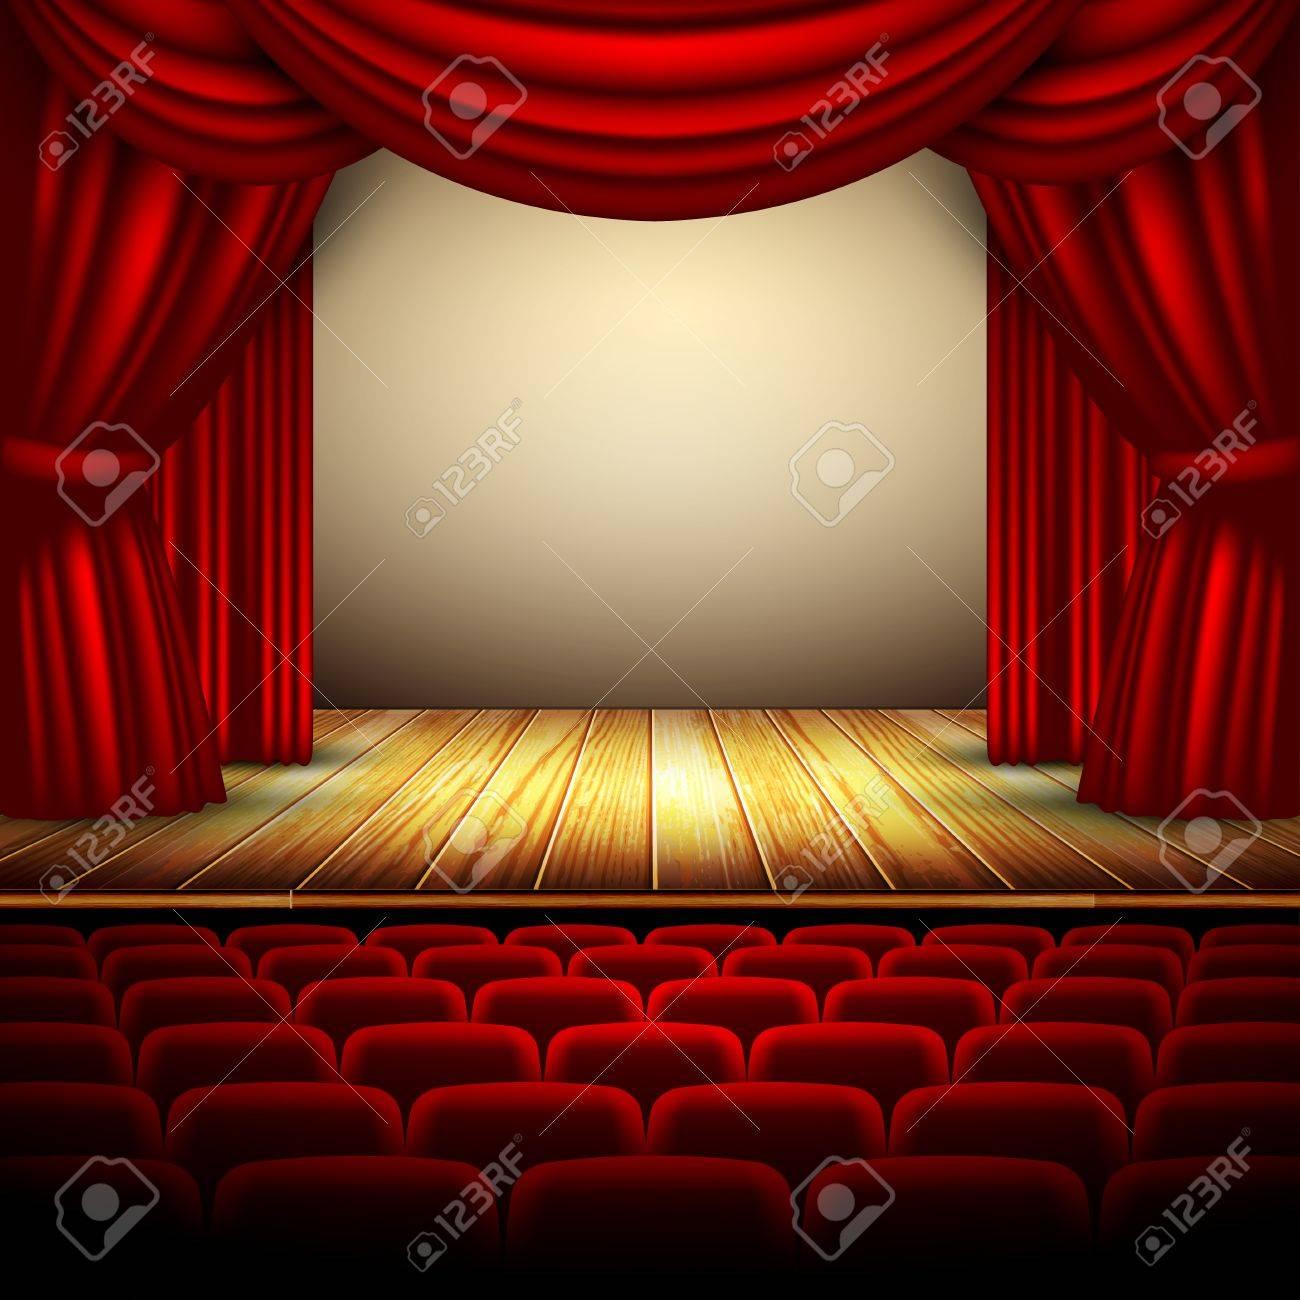 Theater podium met rood gordijn en de houten vloer royalty vrije ...